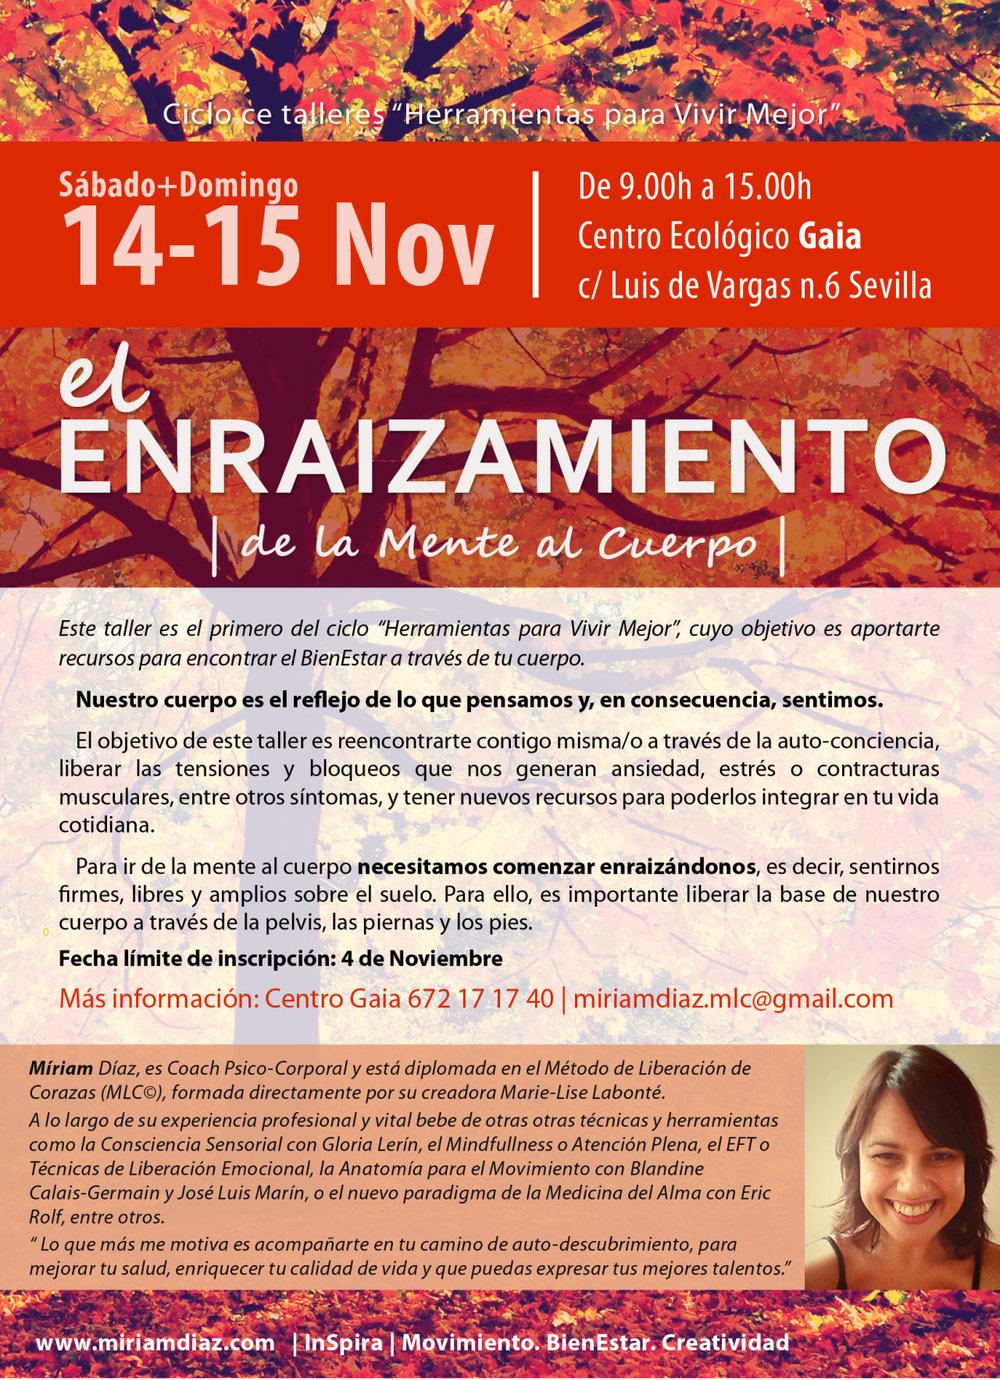 14 y 15 de Noviembre Taller EL ENRAIZAMIENTO (de la Mente al Cuerpo)     Si deseas más información: miriamdiaz.mlc@gmail.com